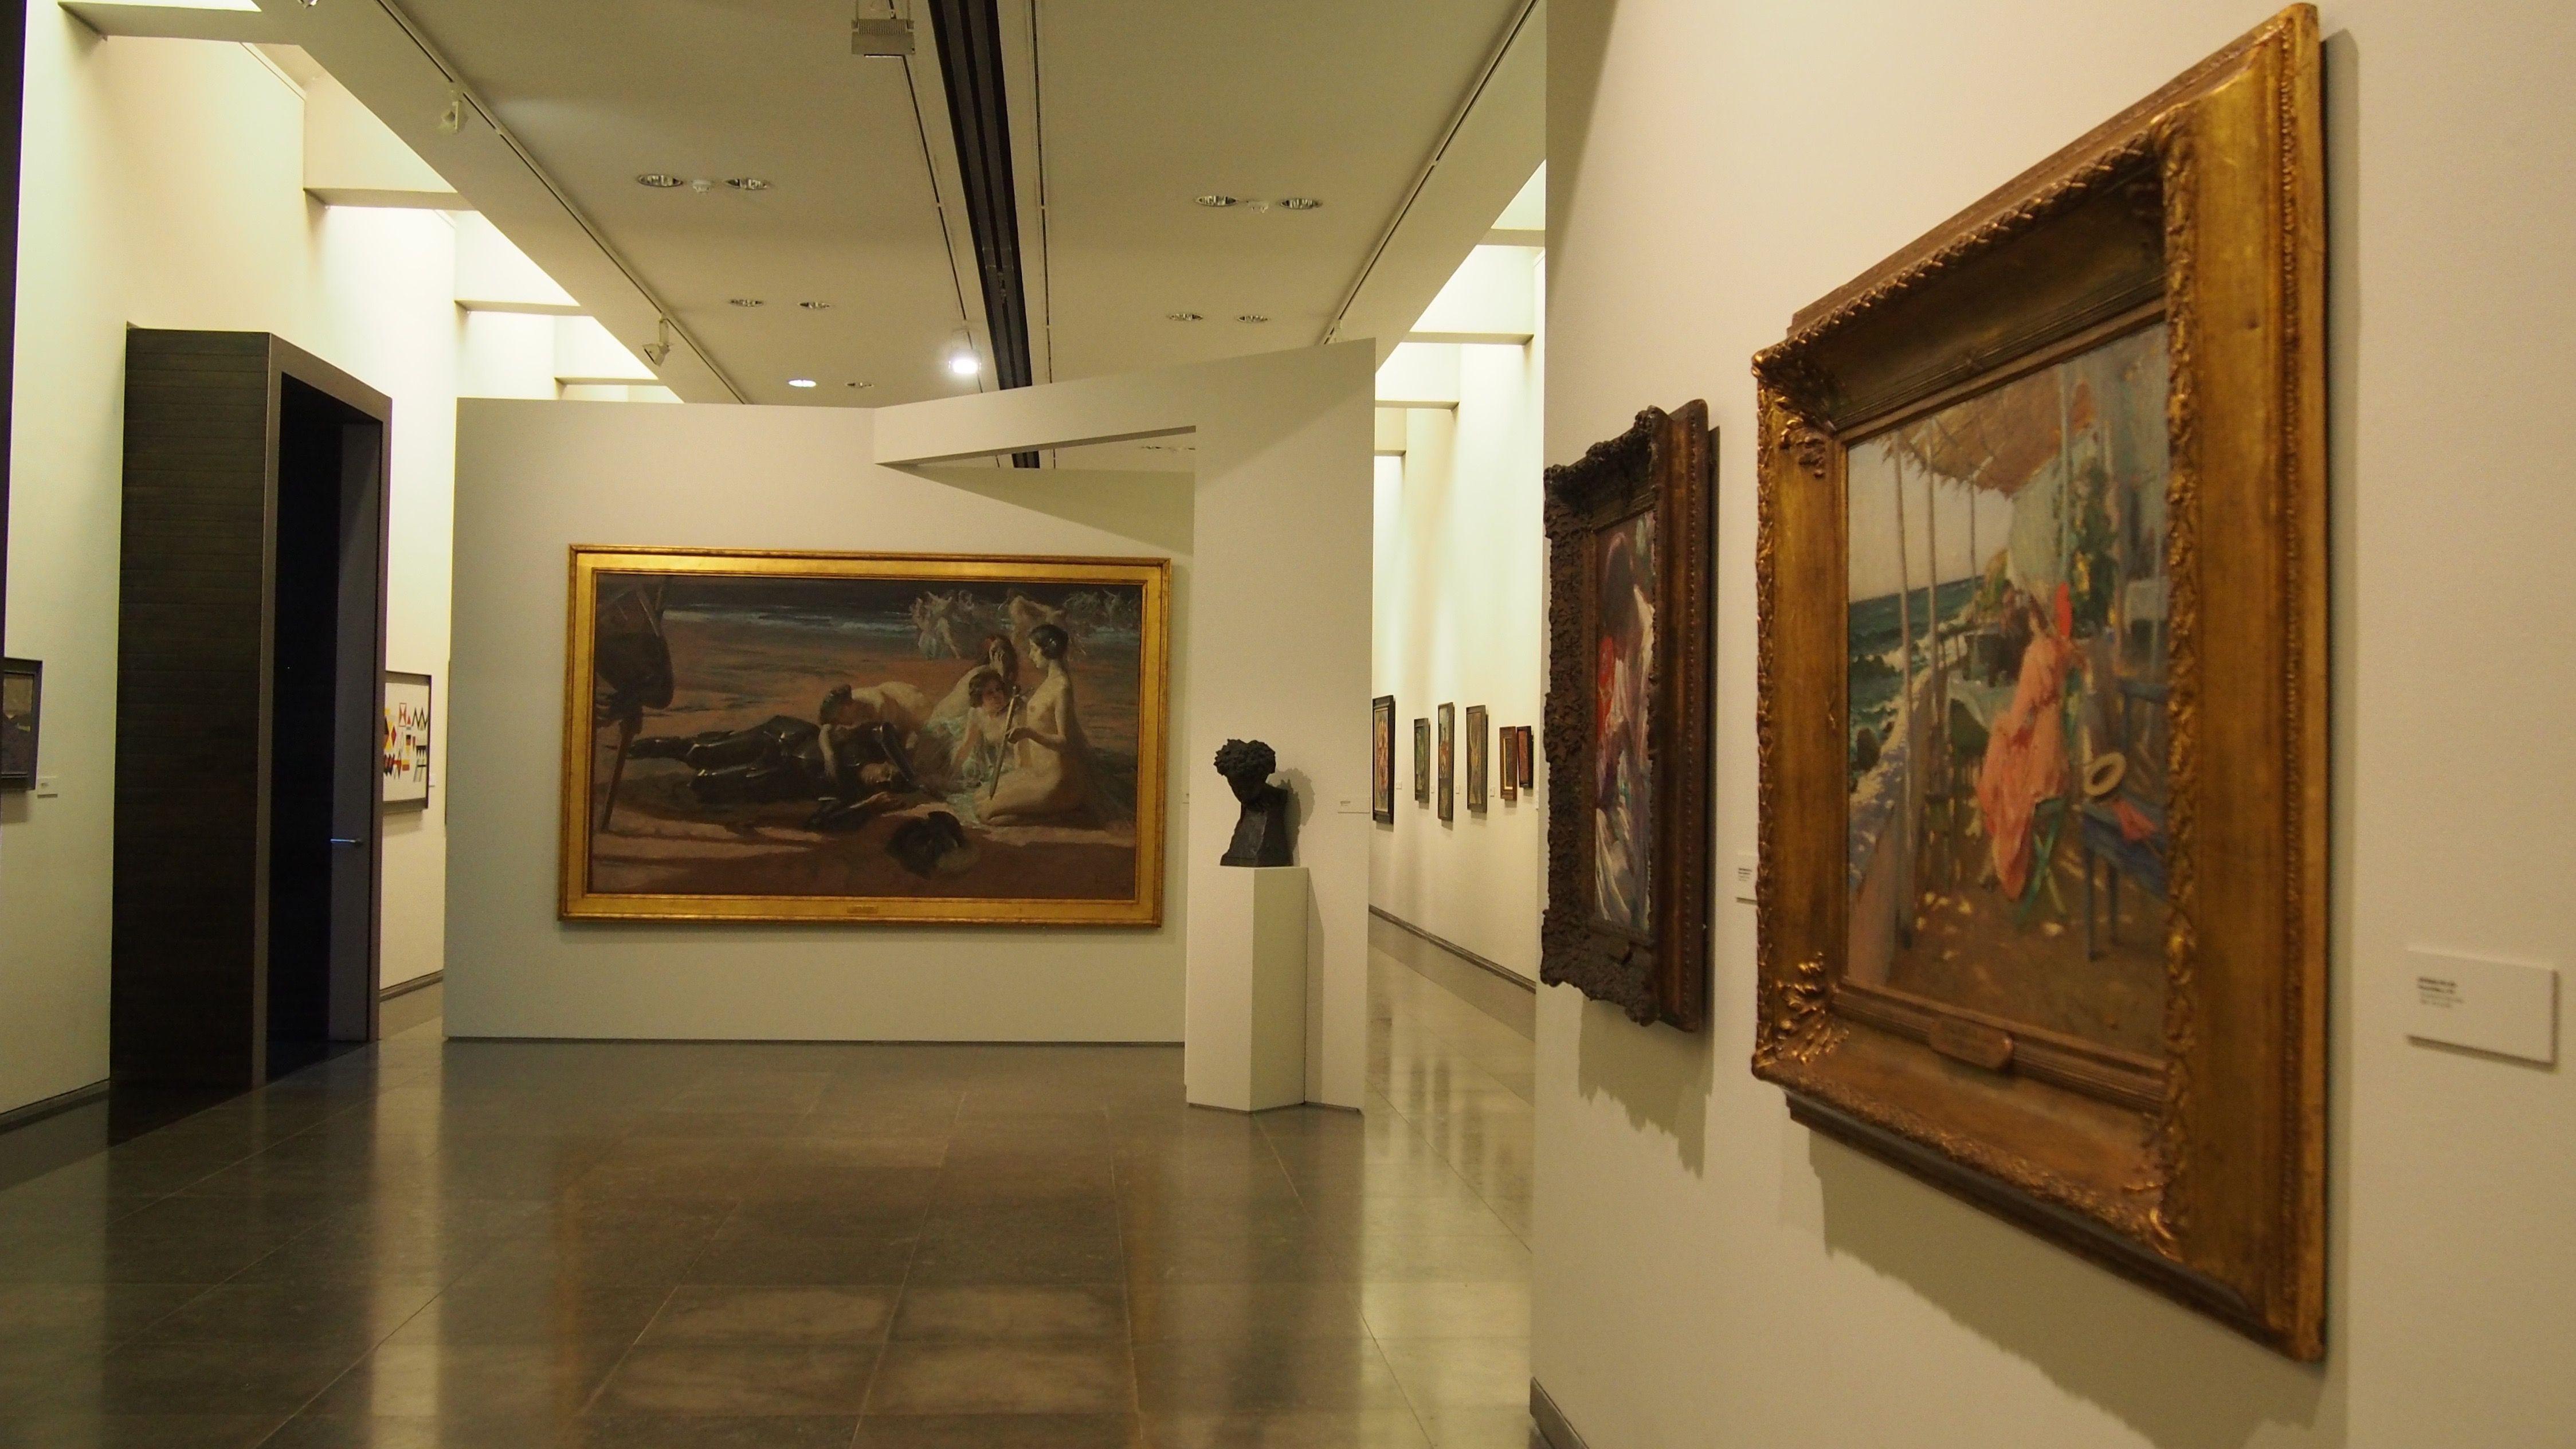 Espacios de arte contemporáneo de Portugal - http://www.absolutportugal.com/espacios-arte-contemporaneo-portugal/